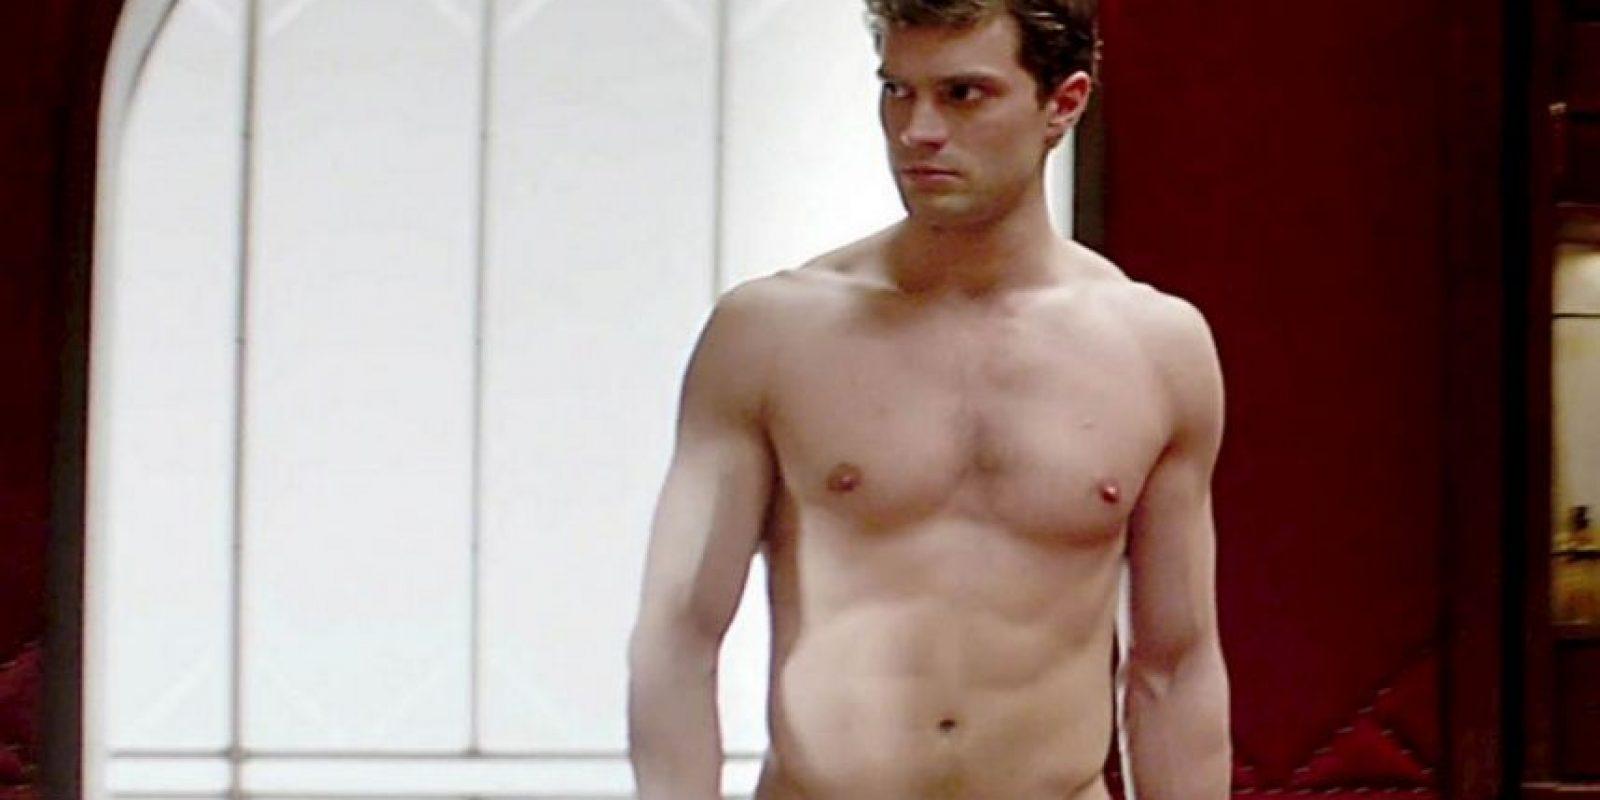 El trasero de Christian Grey también era otra cosa que describía Anastasia en el libro. Y Dornan tampoco desmerece en eso. Foto:Vogue